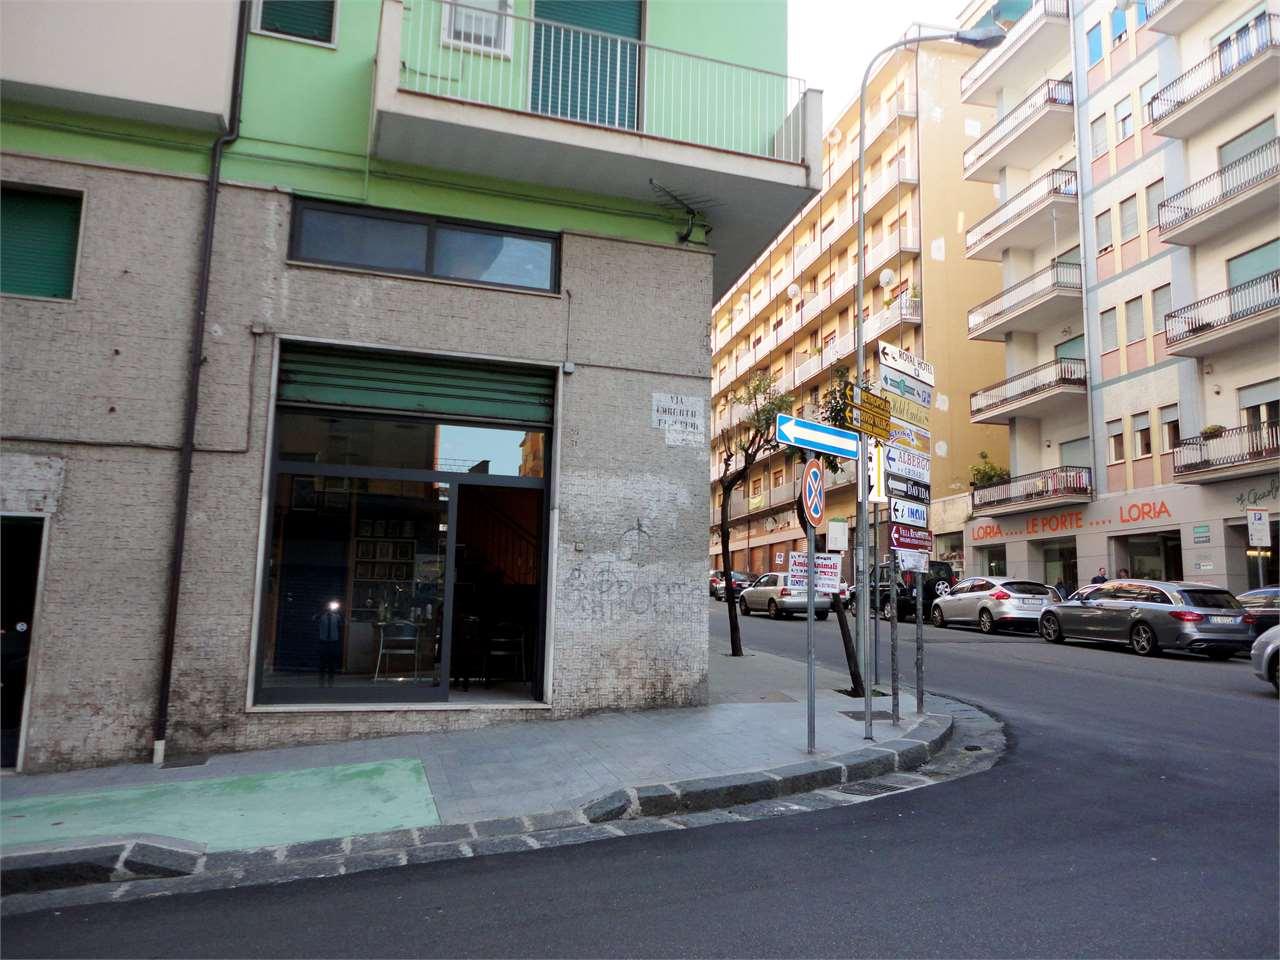 Magazzino in vendita a Cosenza, 1 locali, prezzo € 40.000   CambioCasa.it